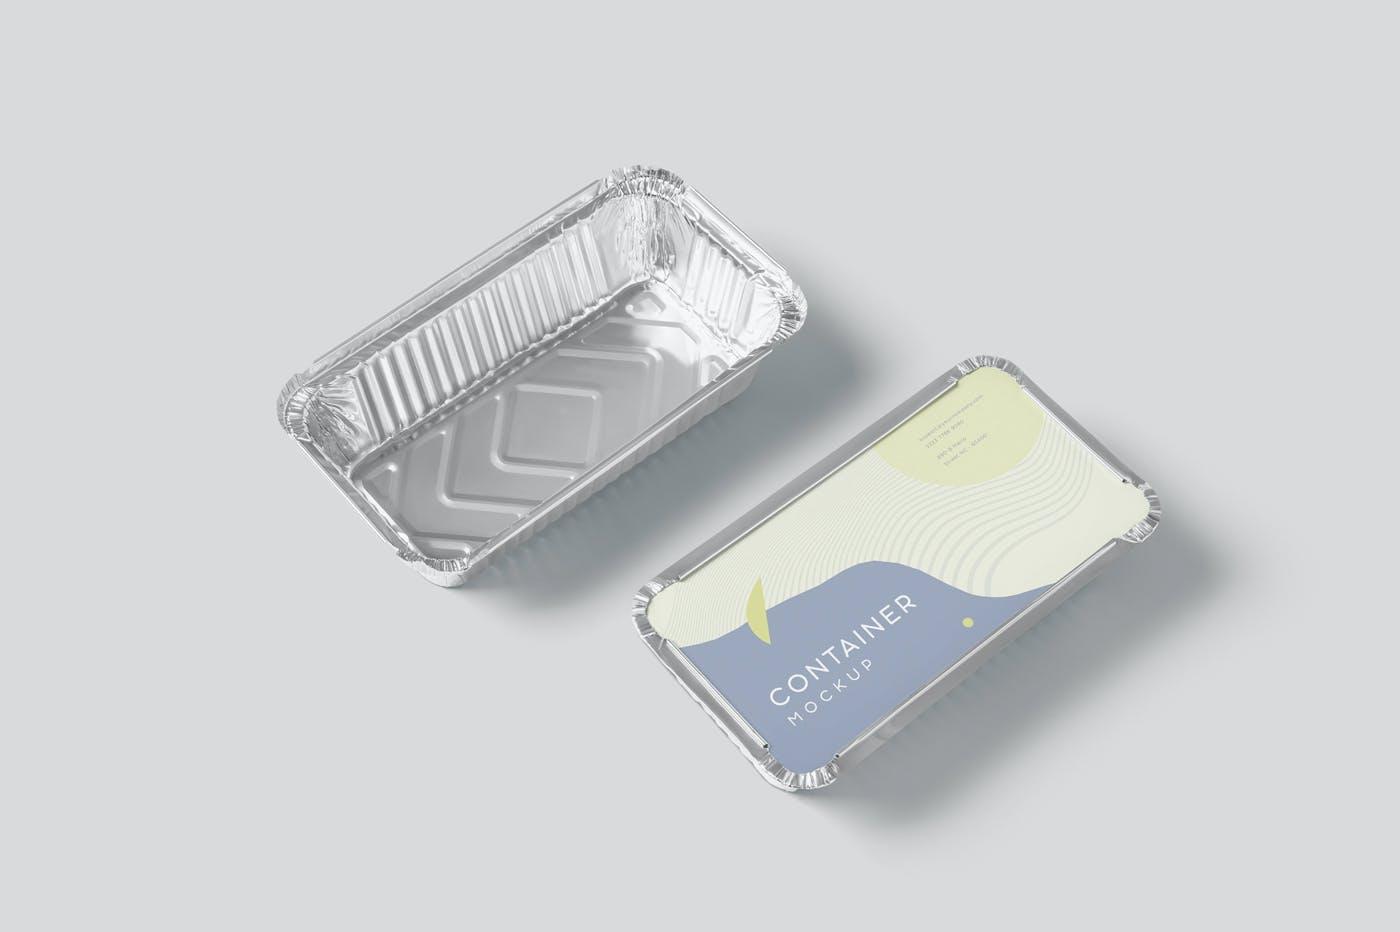 铝箔包装食品盒样机52Q4737插图(3)